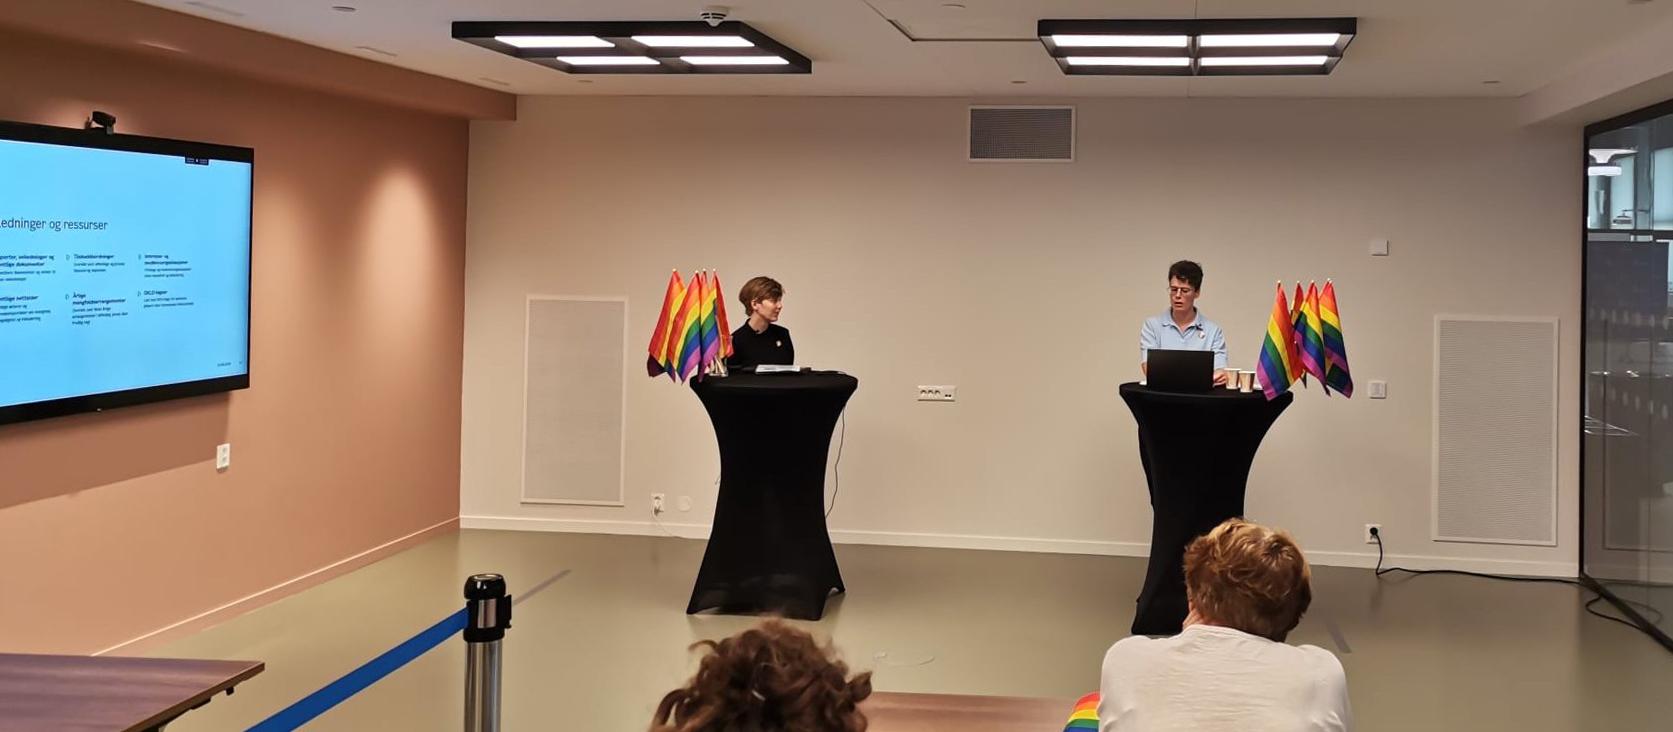 2020: Hanna og Janne holder webinar fra Rådhuset i anledning lansering av ny handlingsplan Stolt og Fri og Oslo Pride 2020.